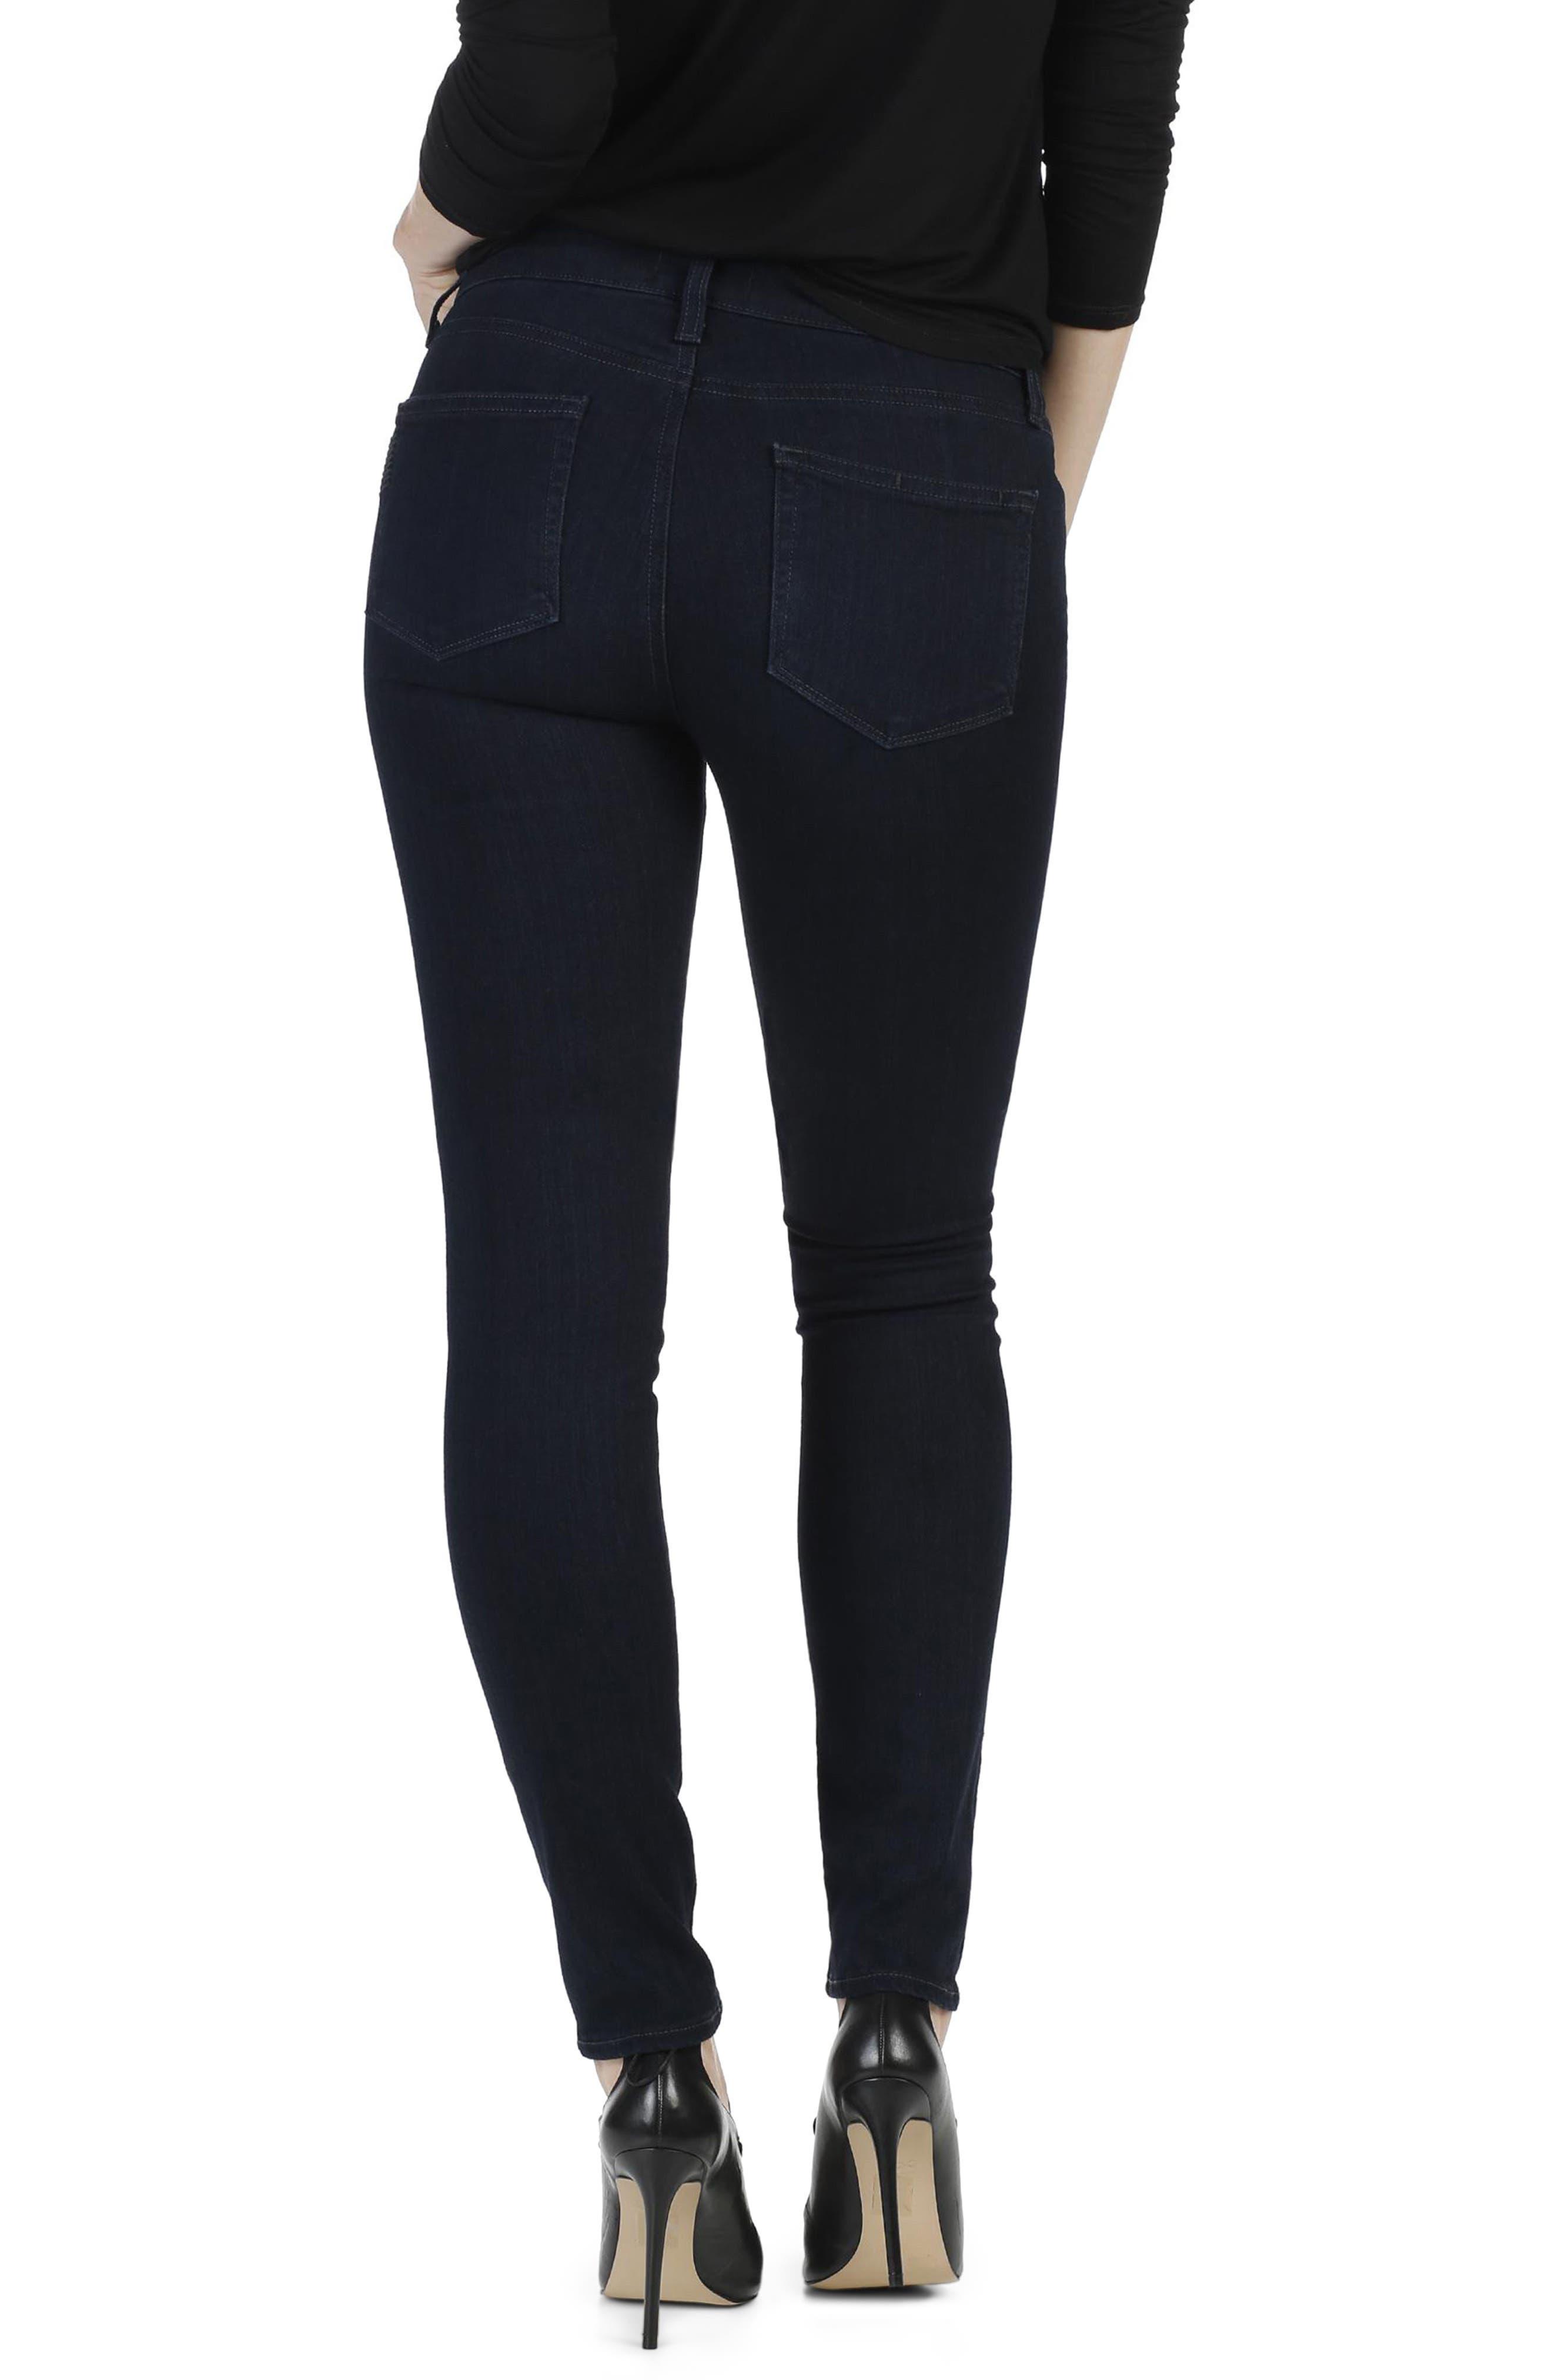 Transcend - Edgemont High Waist Ultra Skinny Jeans,                             Alternate thumbnail 3, color,                             400